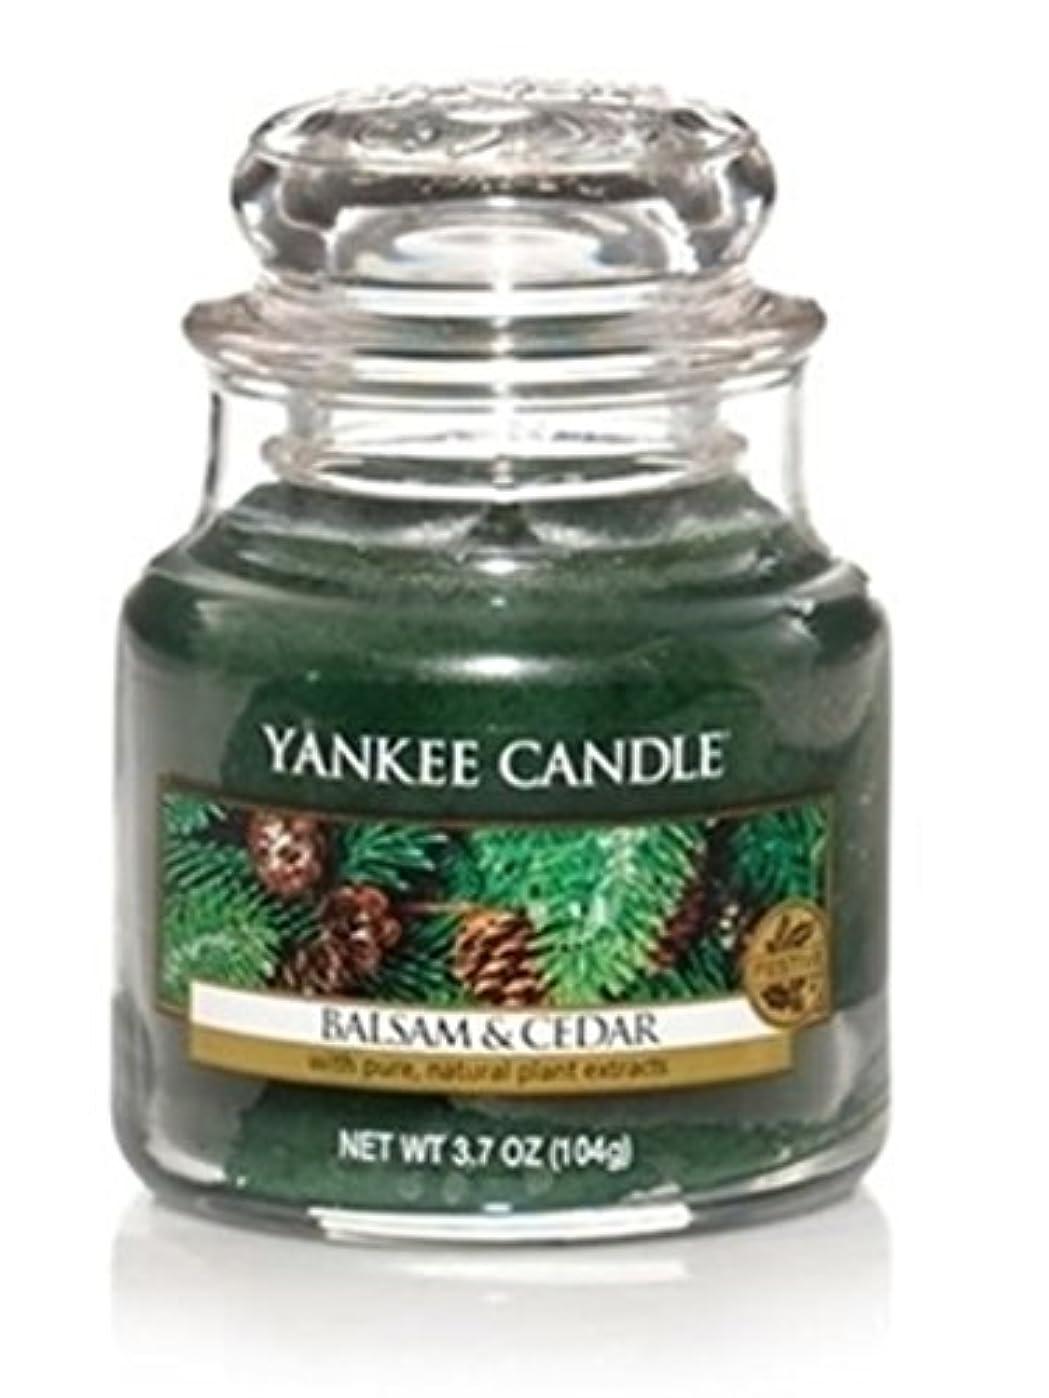 接触歌詞バナナYankee Candle バルサム&シダー スモールジャーキャンドル フェスティバルの香り